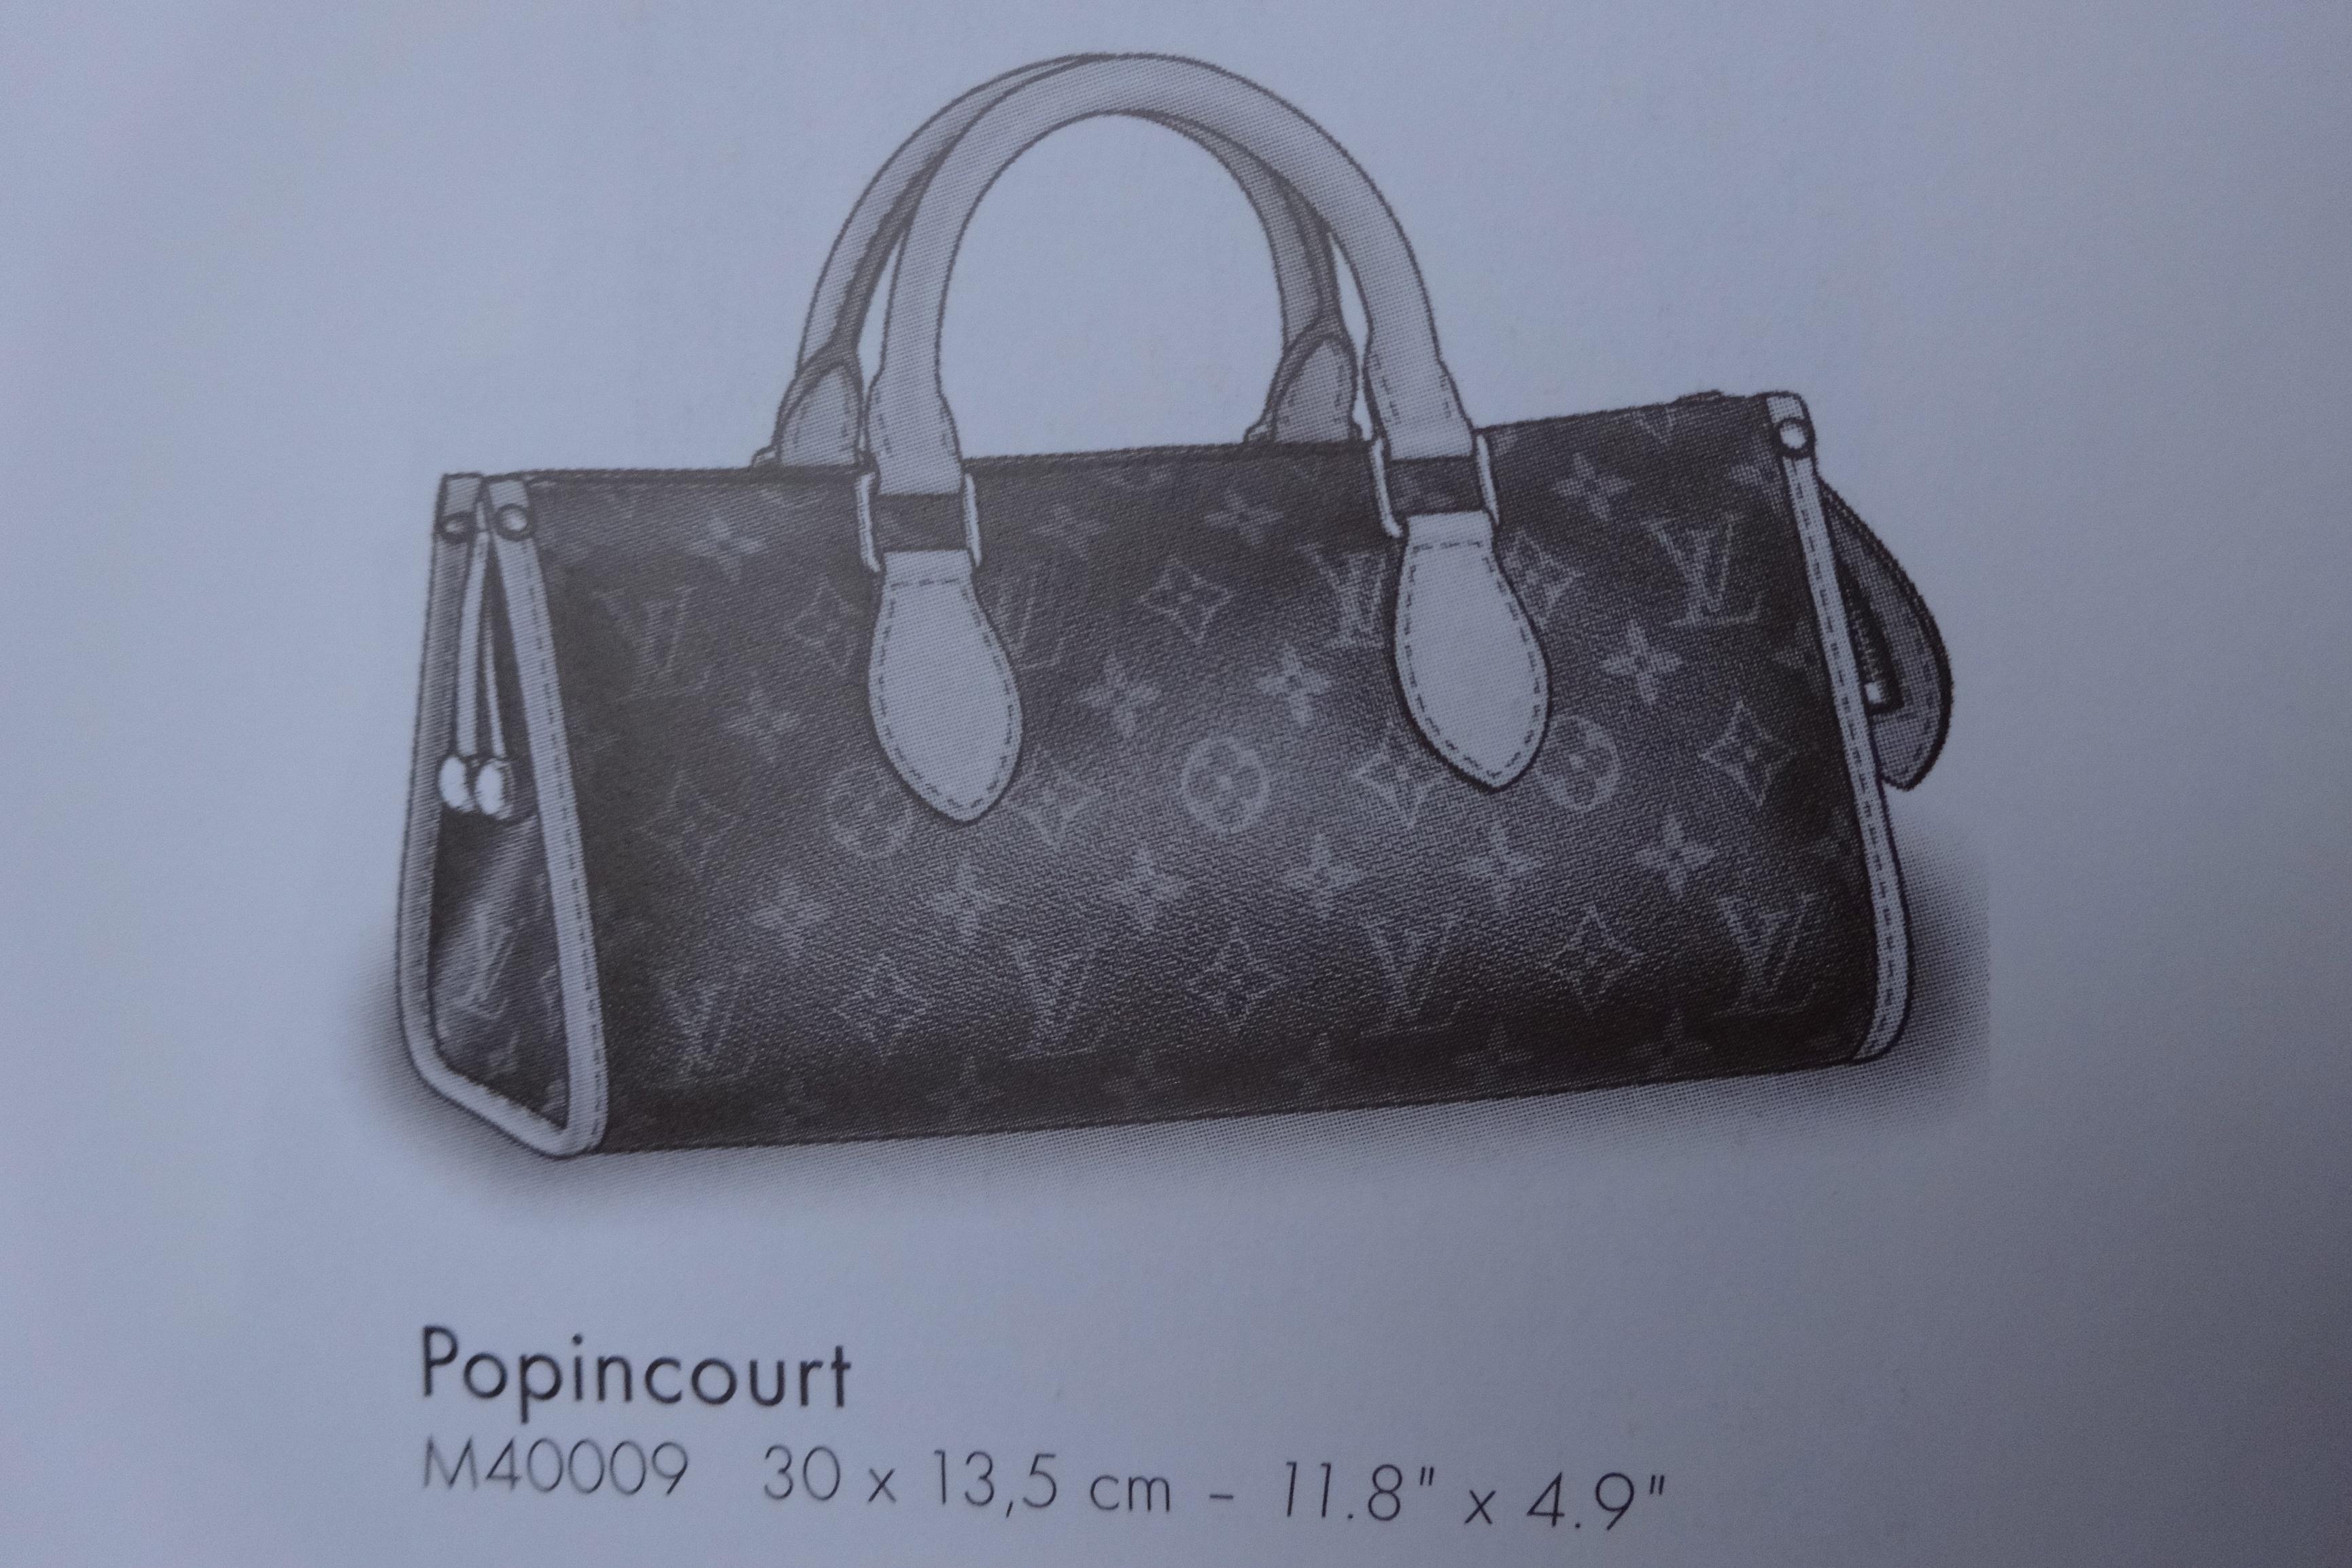 (c) Le Catalogue 2006